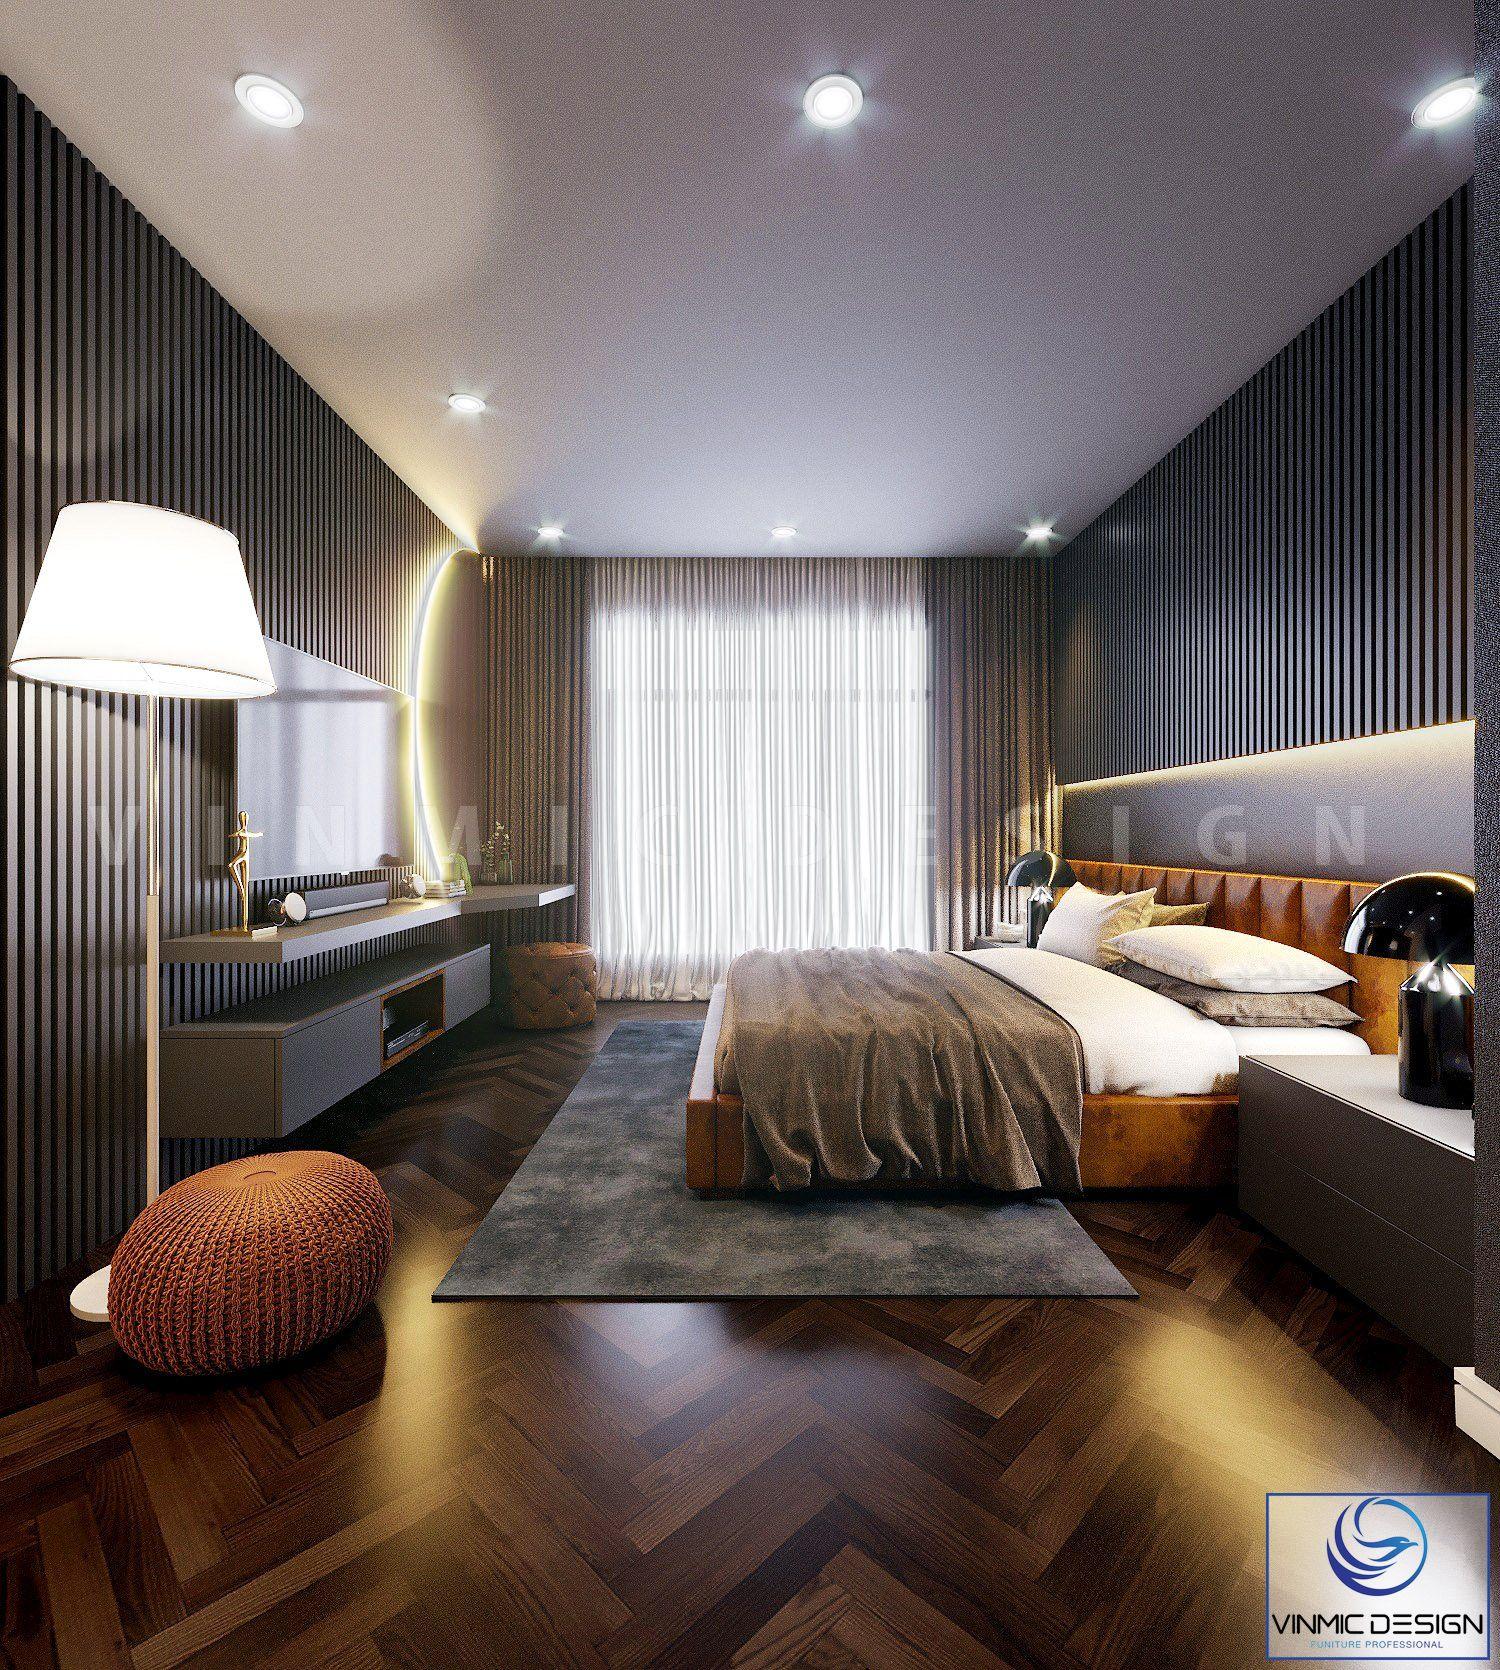 Thiết kế phòng ngủ với sự tận dụng ánh sáng từ thiên nhiên